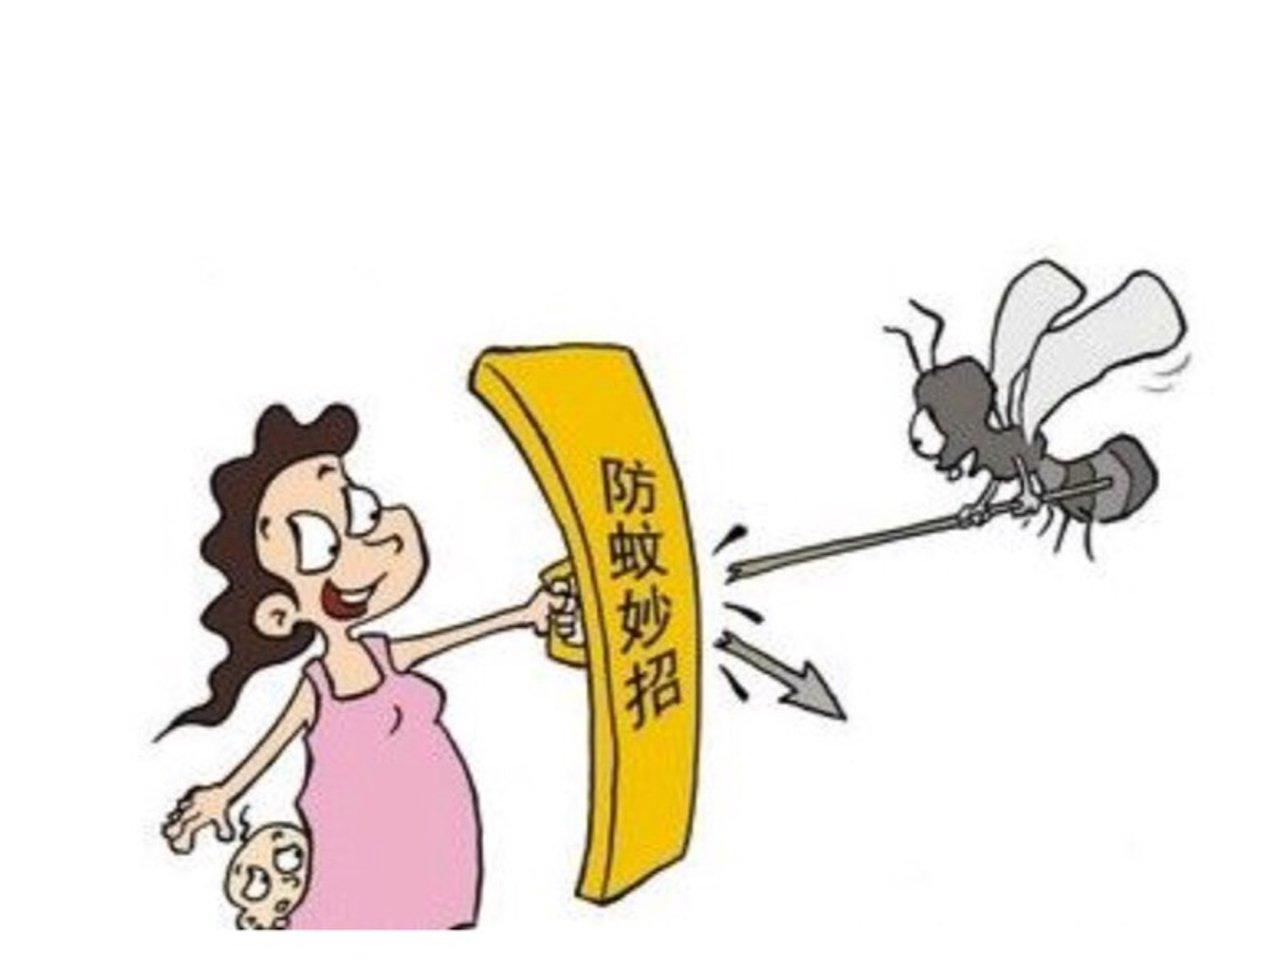 蚊虫叮咬后超快消肿止痒的方法(适合严重或大面积蚊虫叮咬)